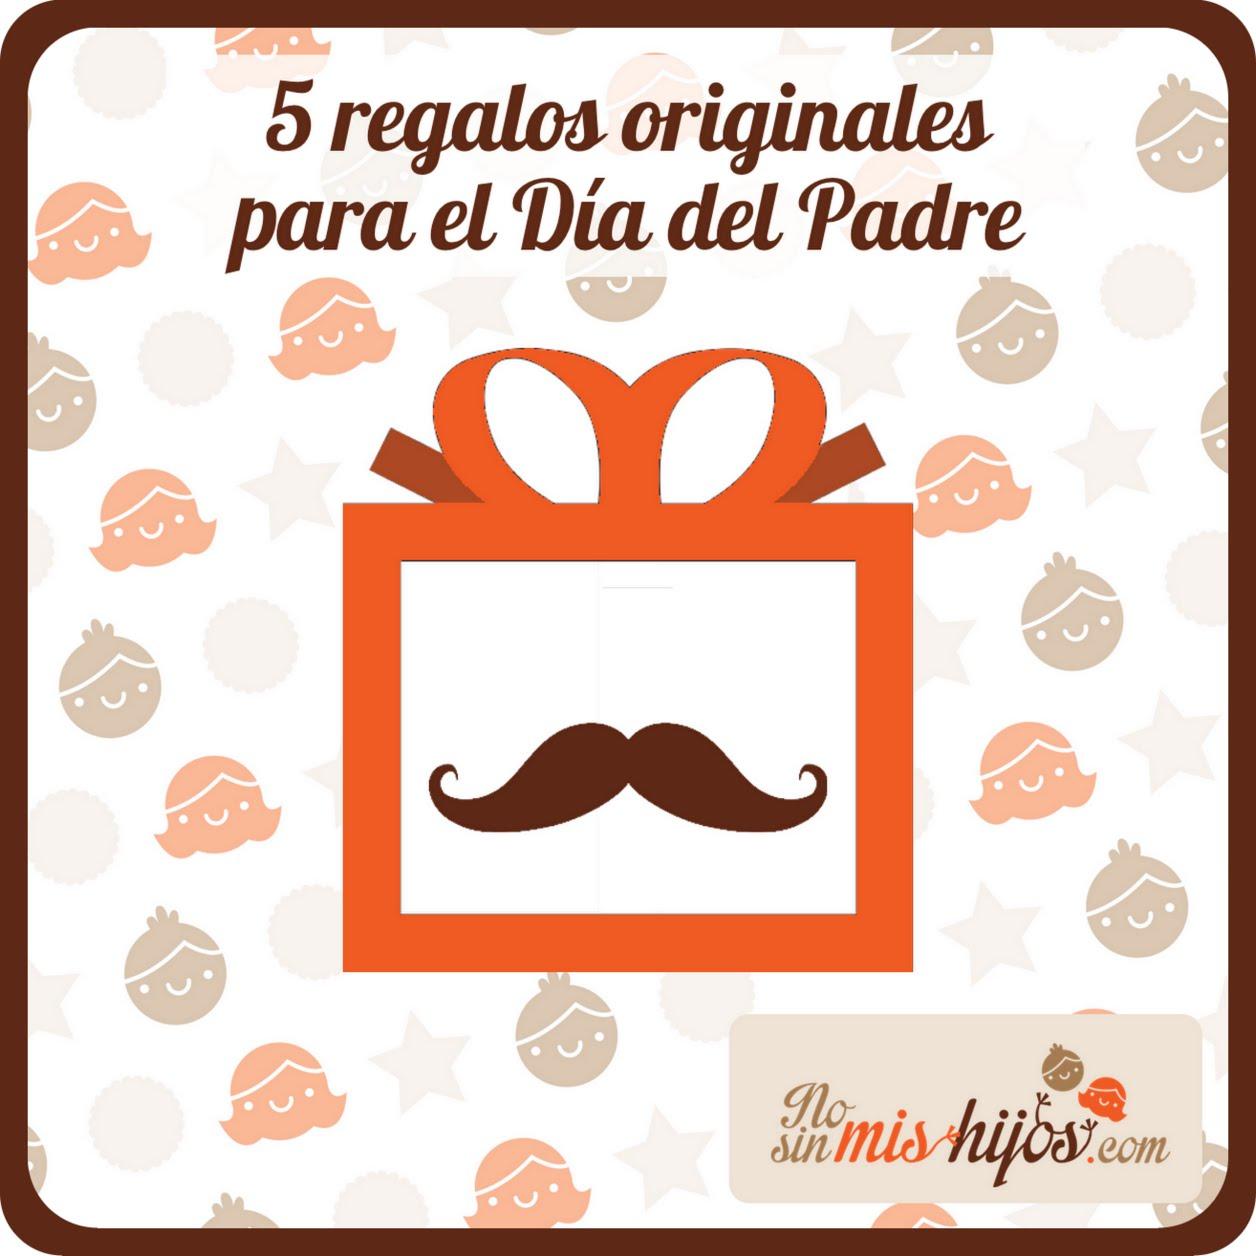 No sin mis hijos 5 regalos originales para el d a del padre - Regalos originales para el dia del padre ...